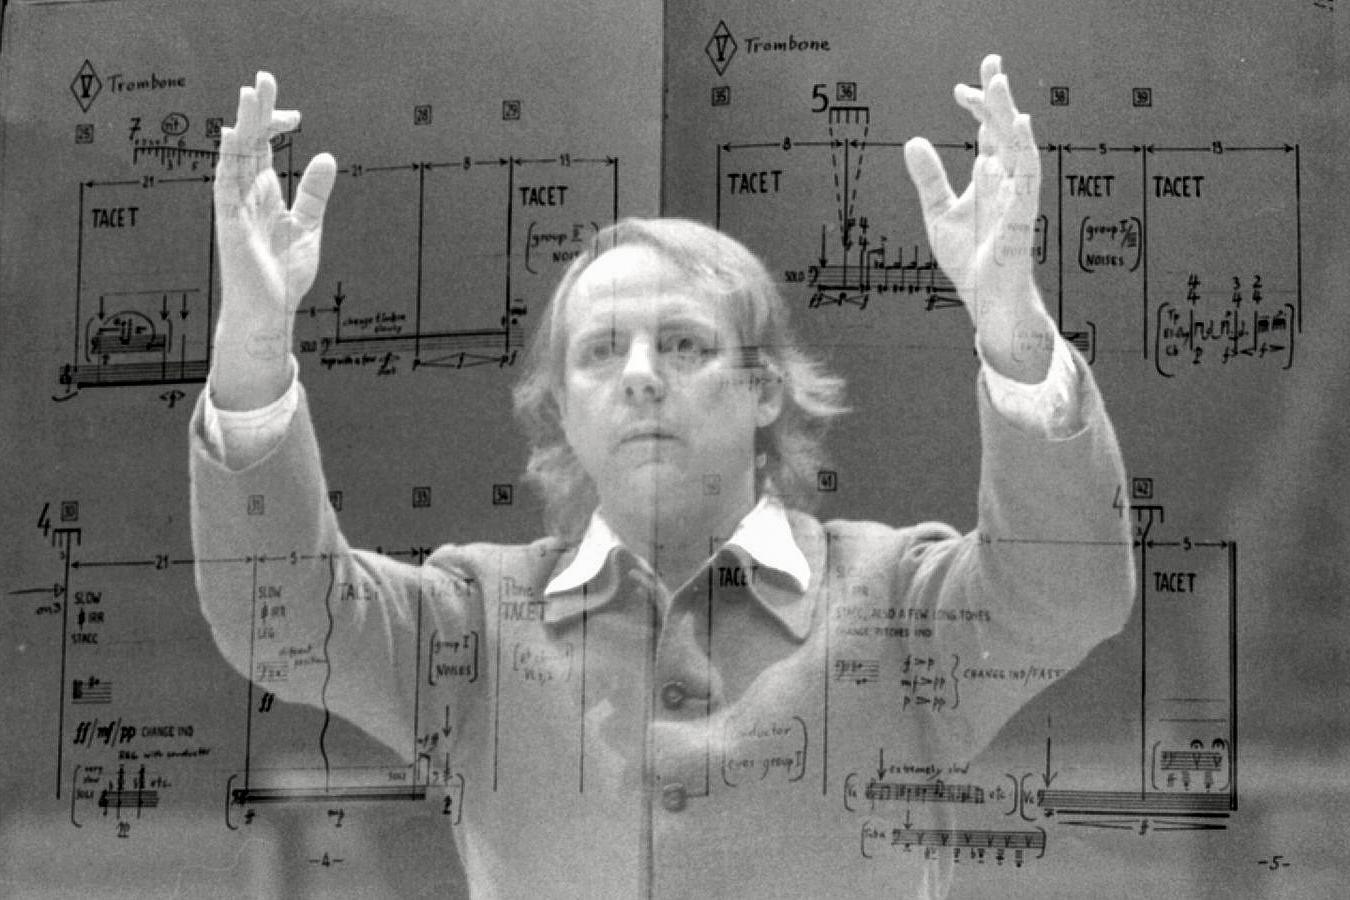 Karlheinz Stockhausen en surimpression de la partition d'une de ses composition, Strasbourg, 1980 (Wikimedia Commons)